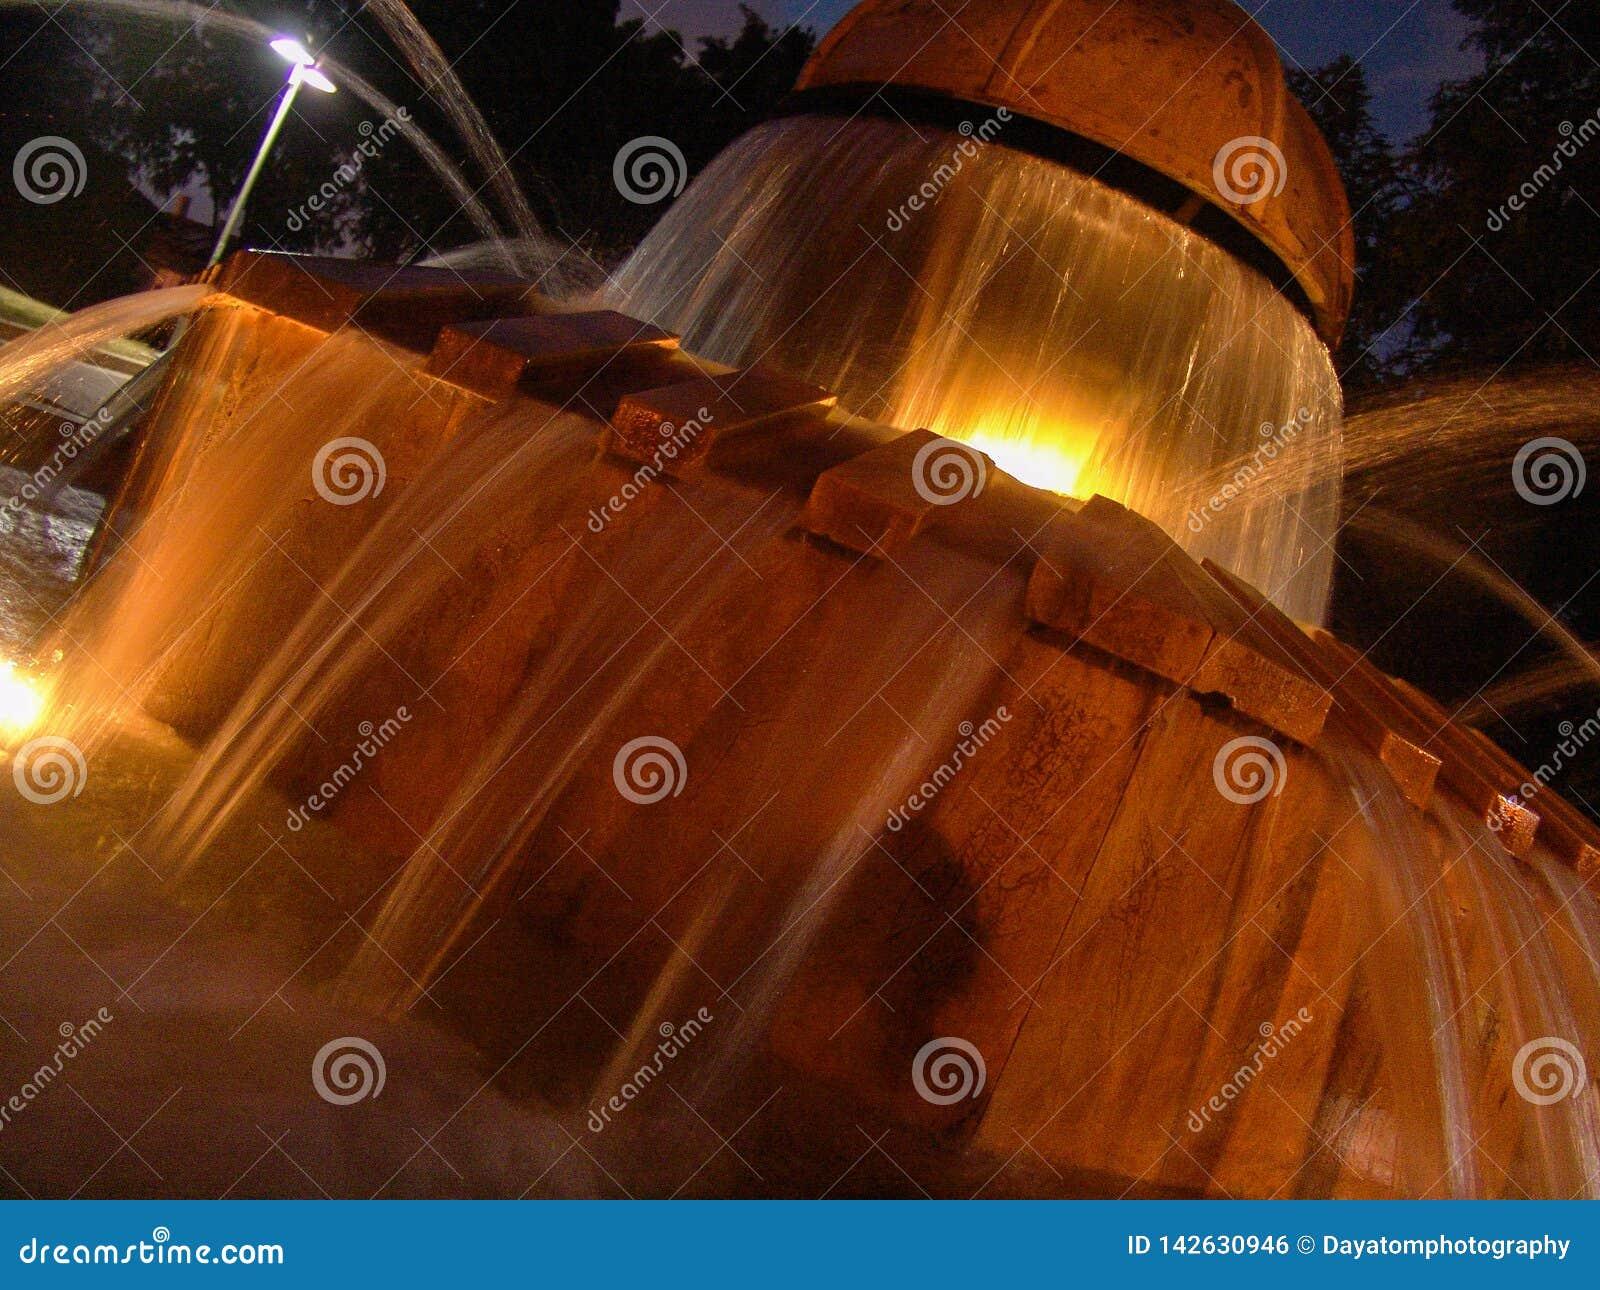 Vista nocturna de la agua corriente del parque de Herzel de la fuente local de la rana, iluminada por las luces ámbar calientes